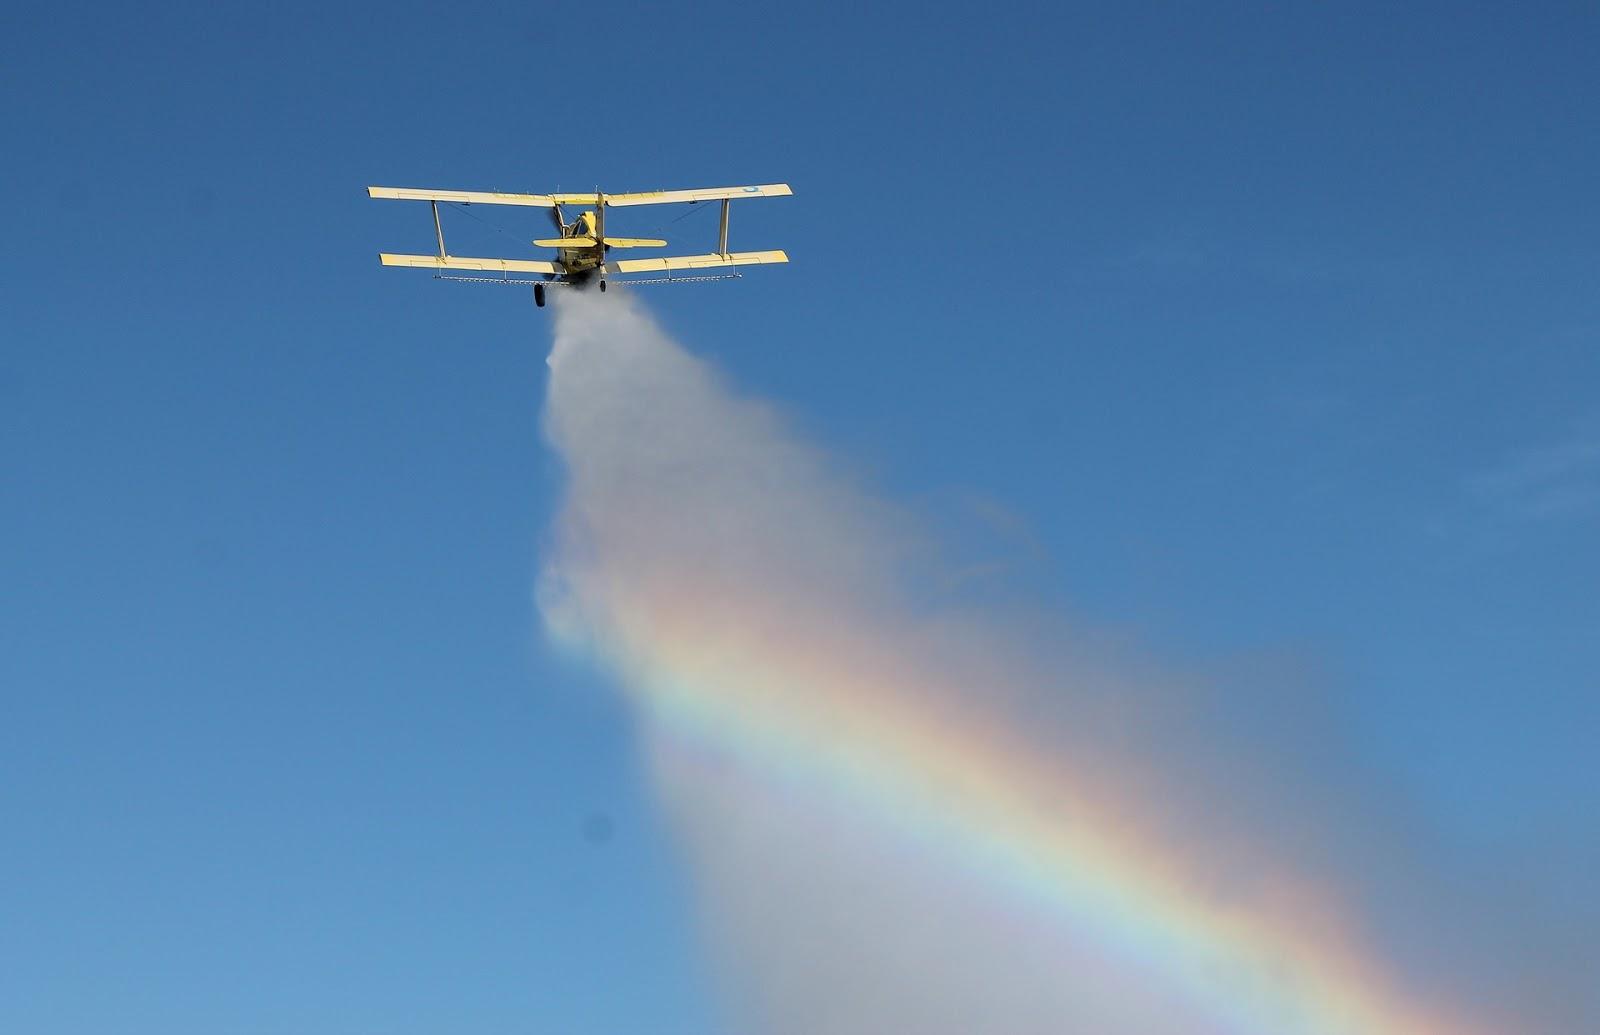 crop dusting plane spraying crops in farm